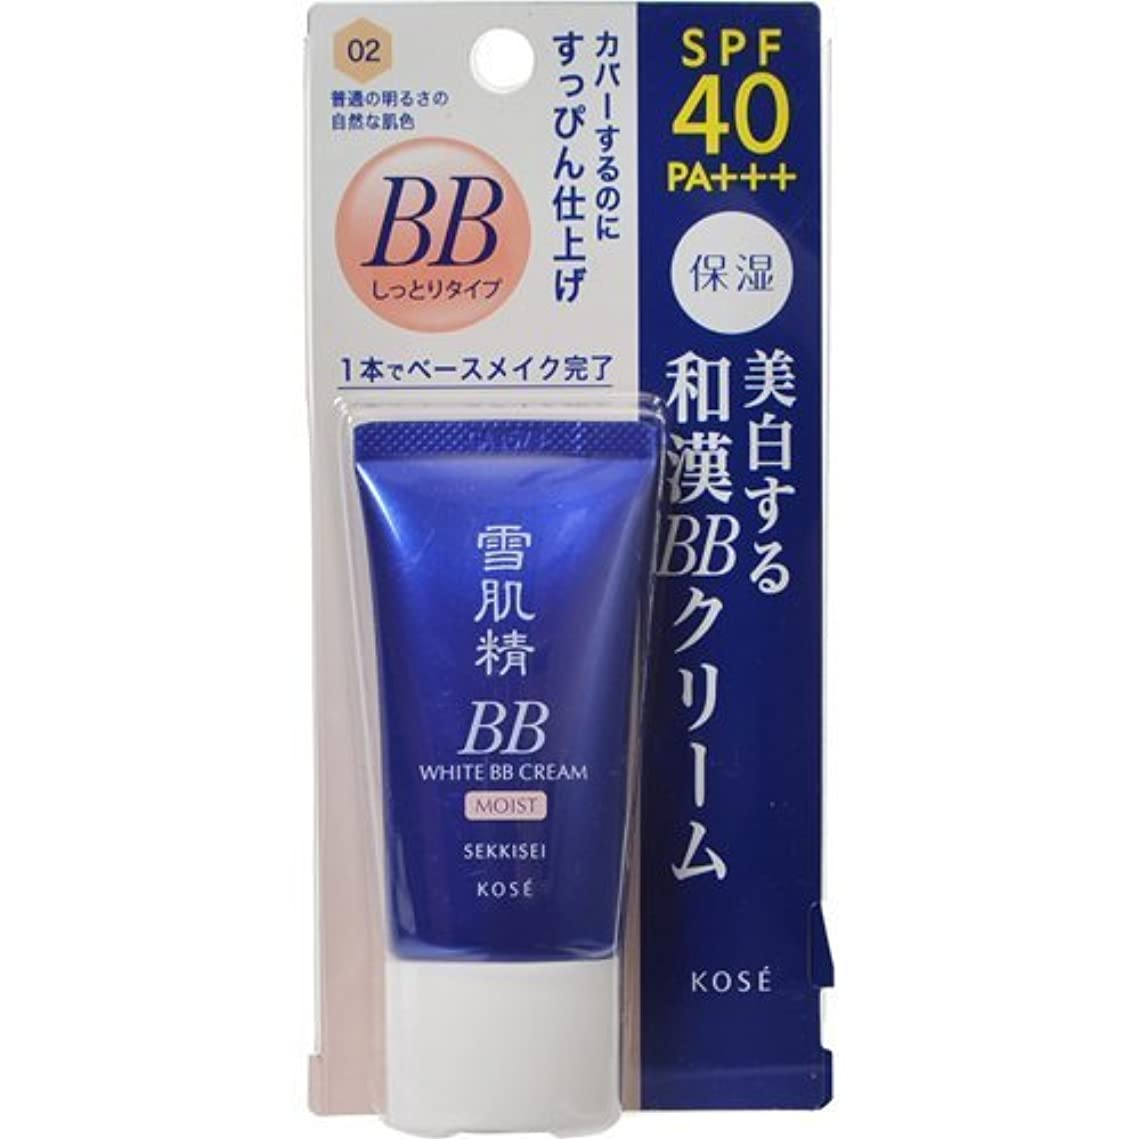 スリンク病的テメリティ雪肌精 ホワイト BBクリーム モイスト 02 30g